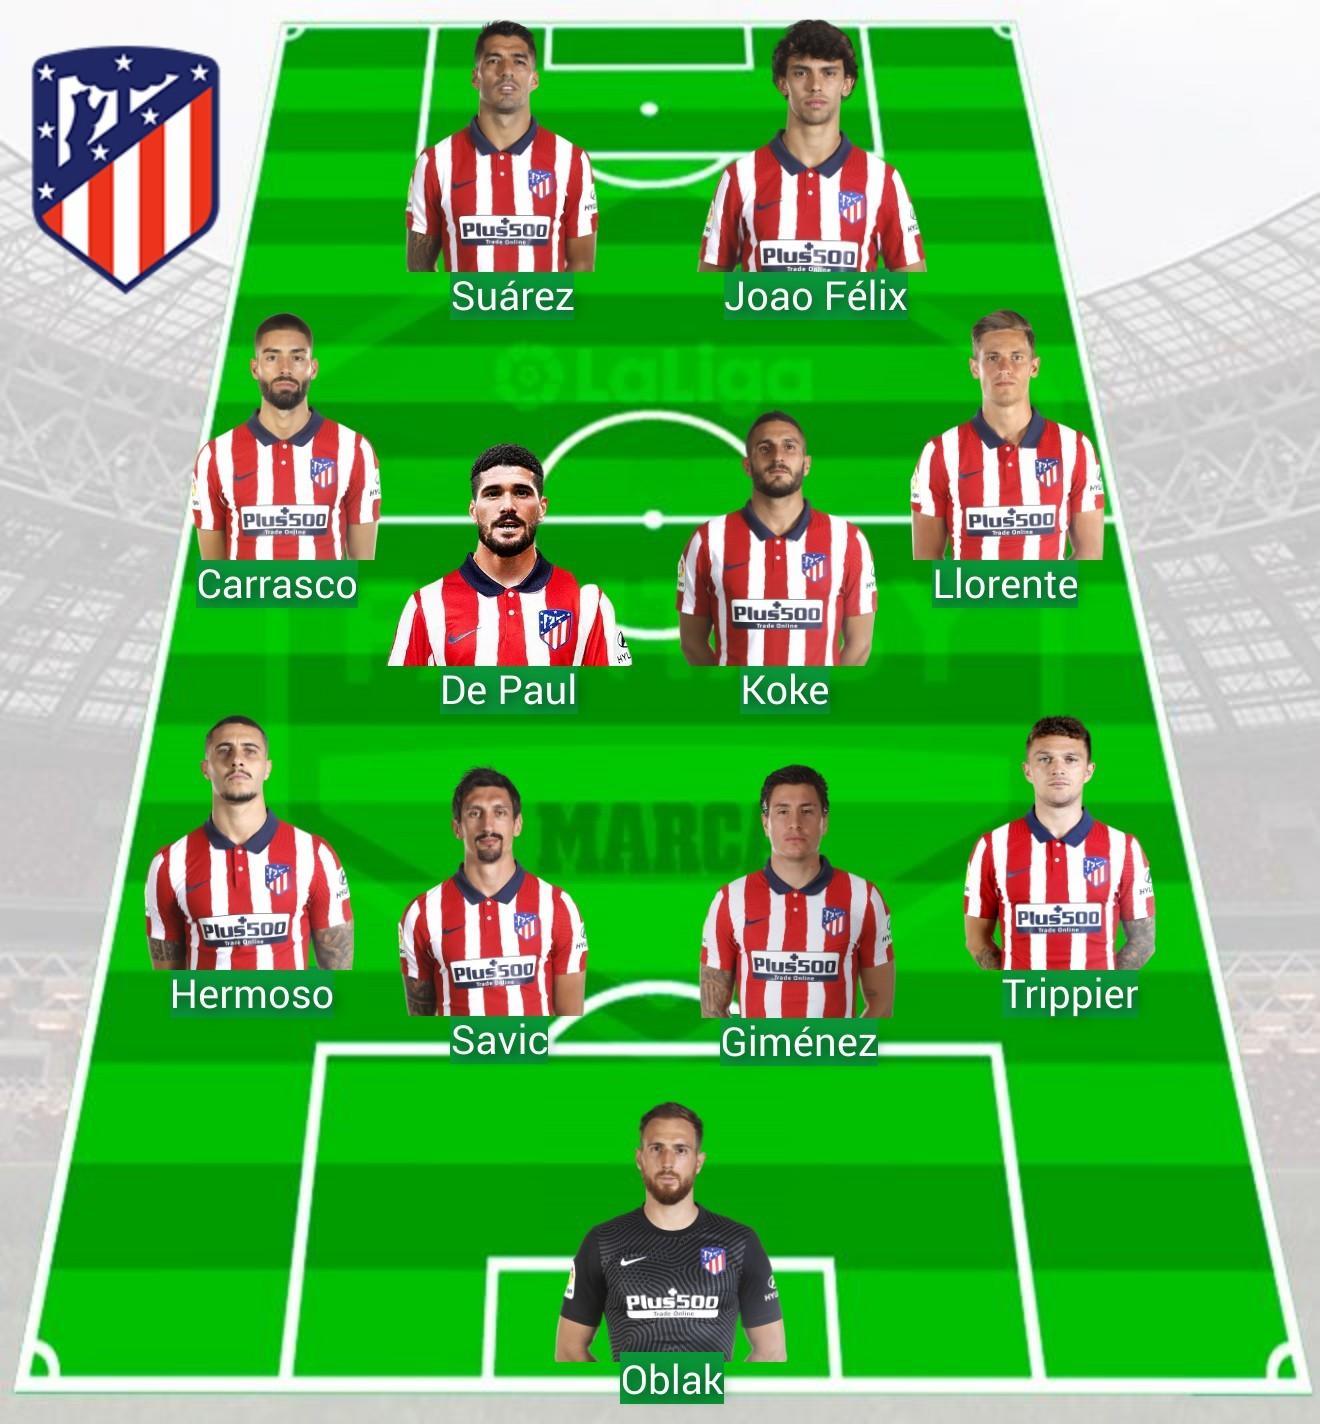 Fichajes Atlético de Madrid: rumores, altas y bajas para la temporada 2021/22 en Primera División